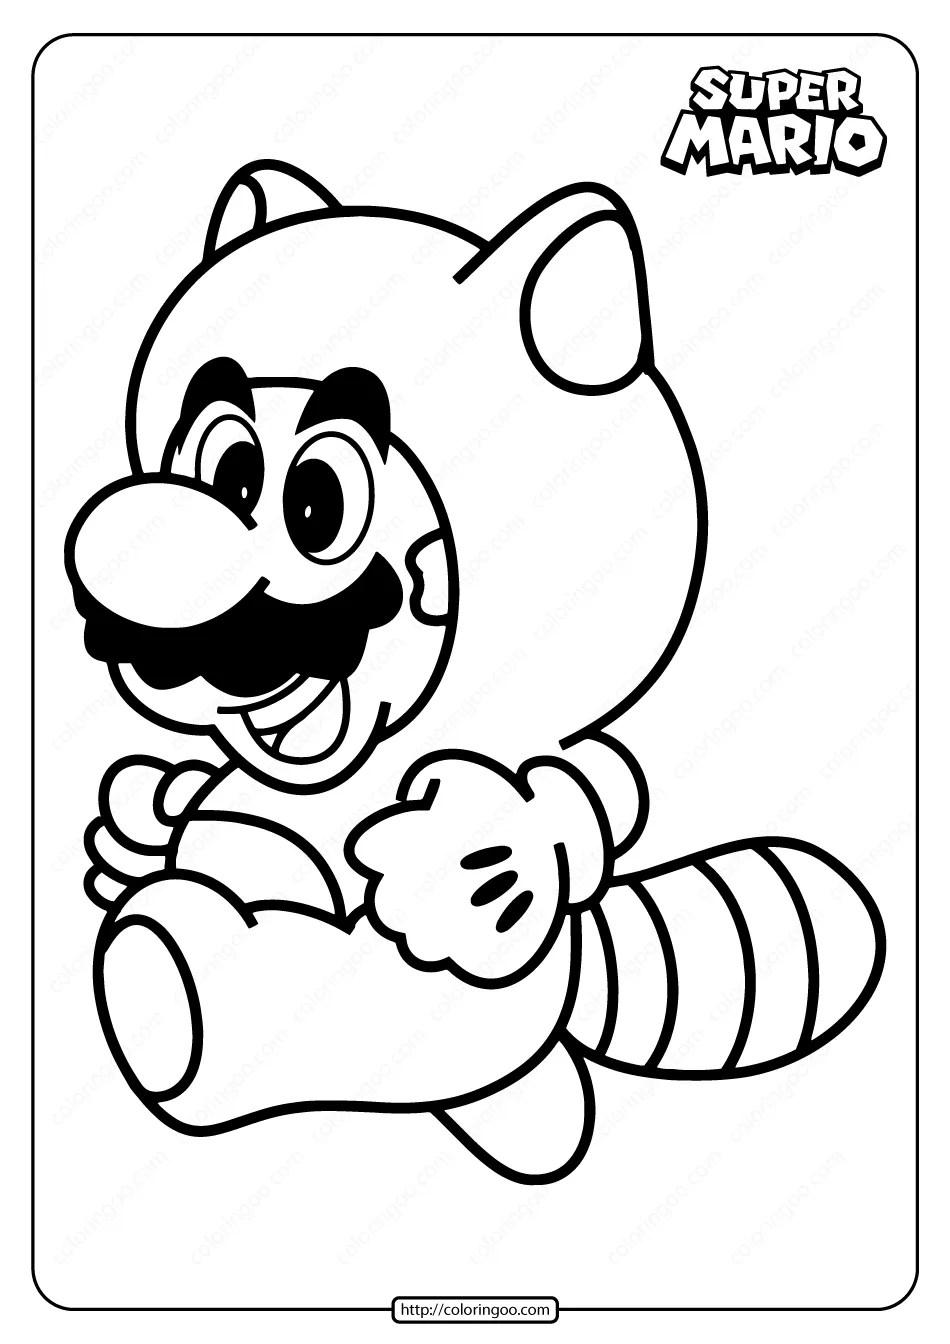 Free Printable Super Mario Coloring Page